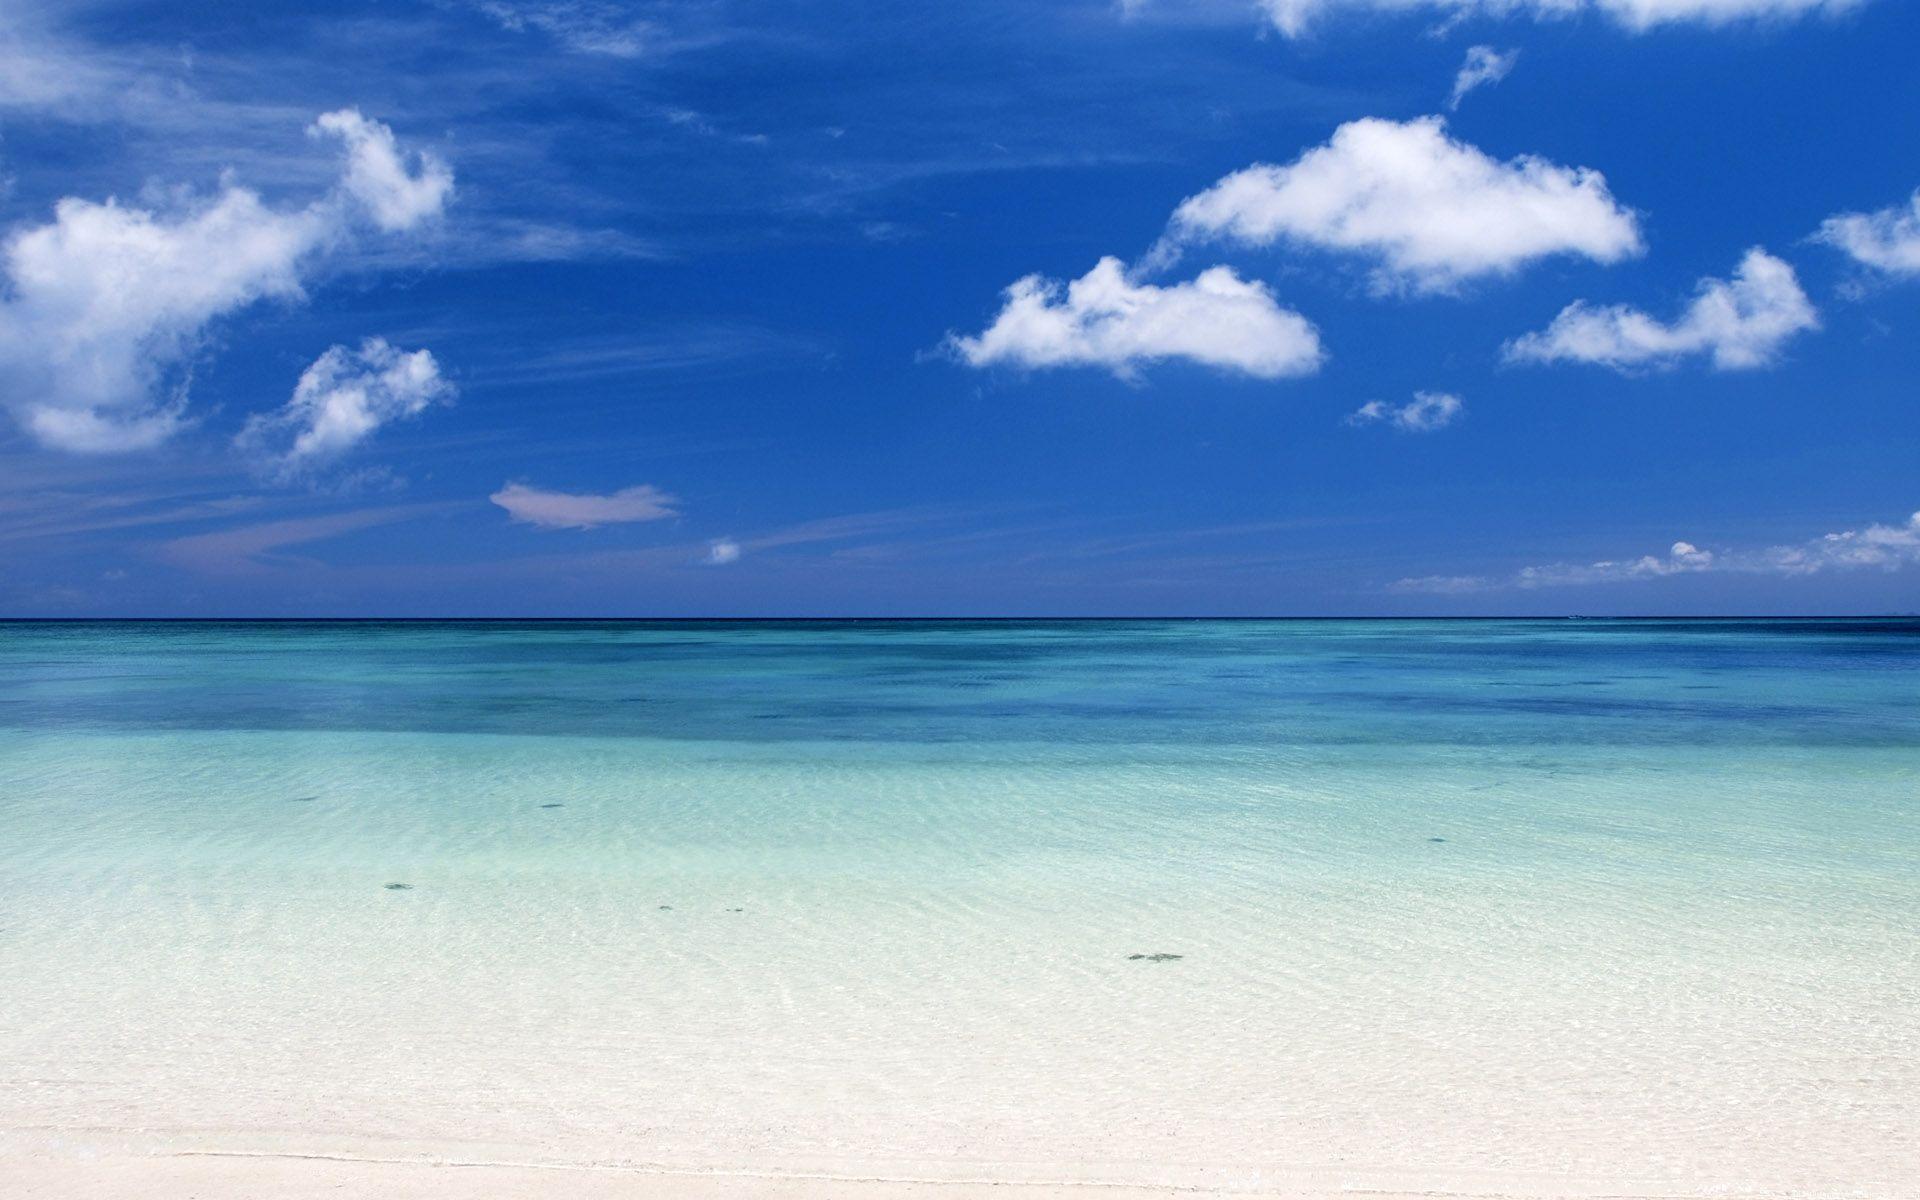 High Resolution Beach Wallpaper: High Resolution Beach Wallpaper